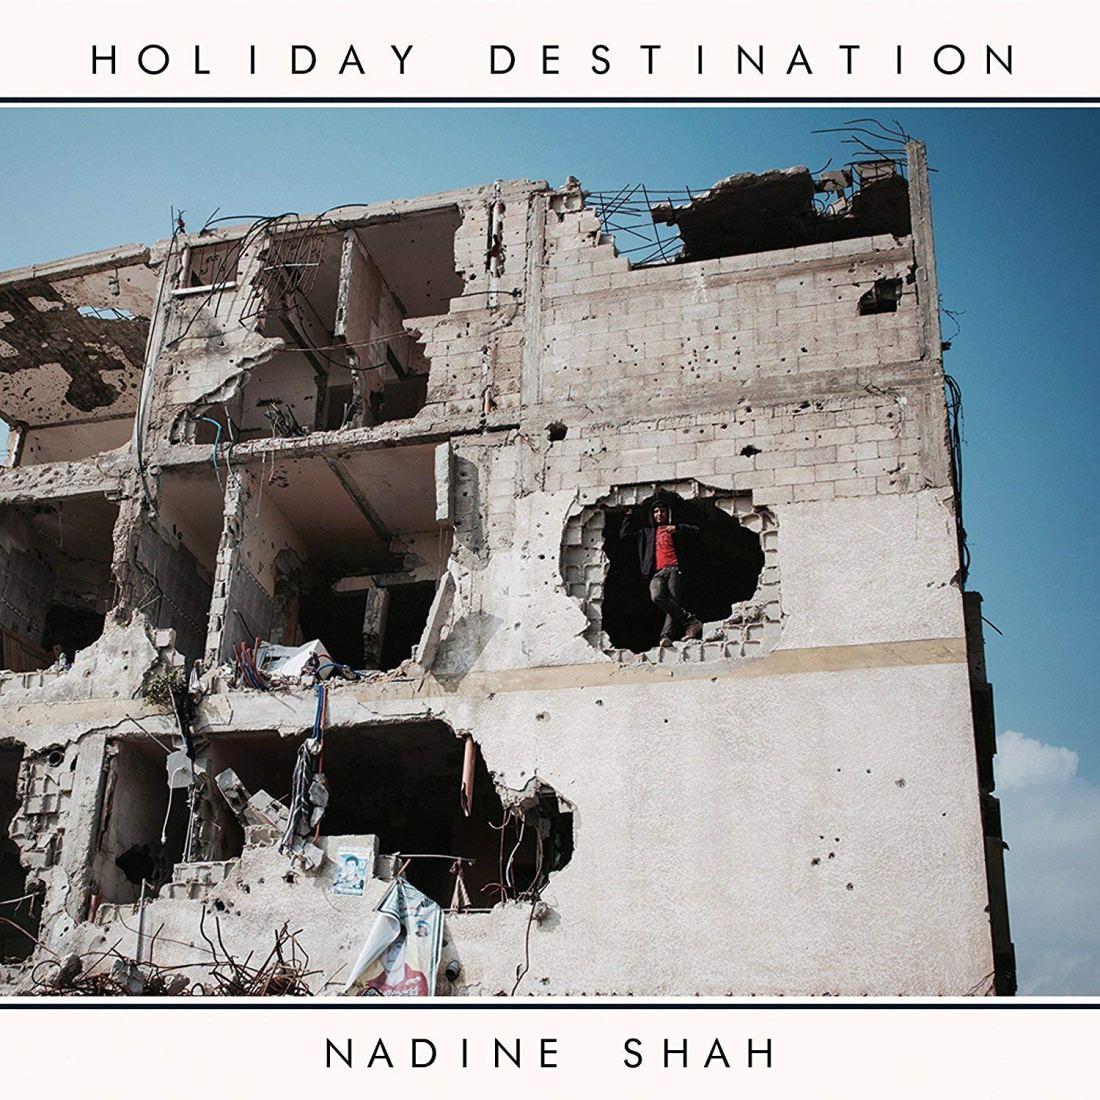 2018 Hyundai Mercury Prize Albums of the Year revealed - Nadine Shah - Holiday Destination